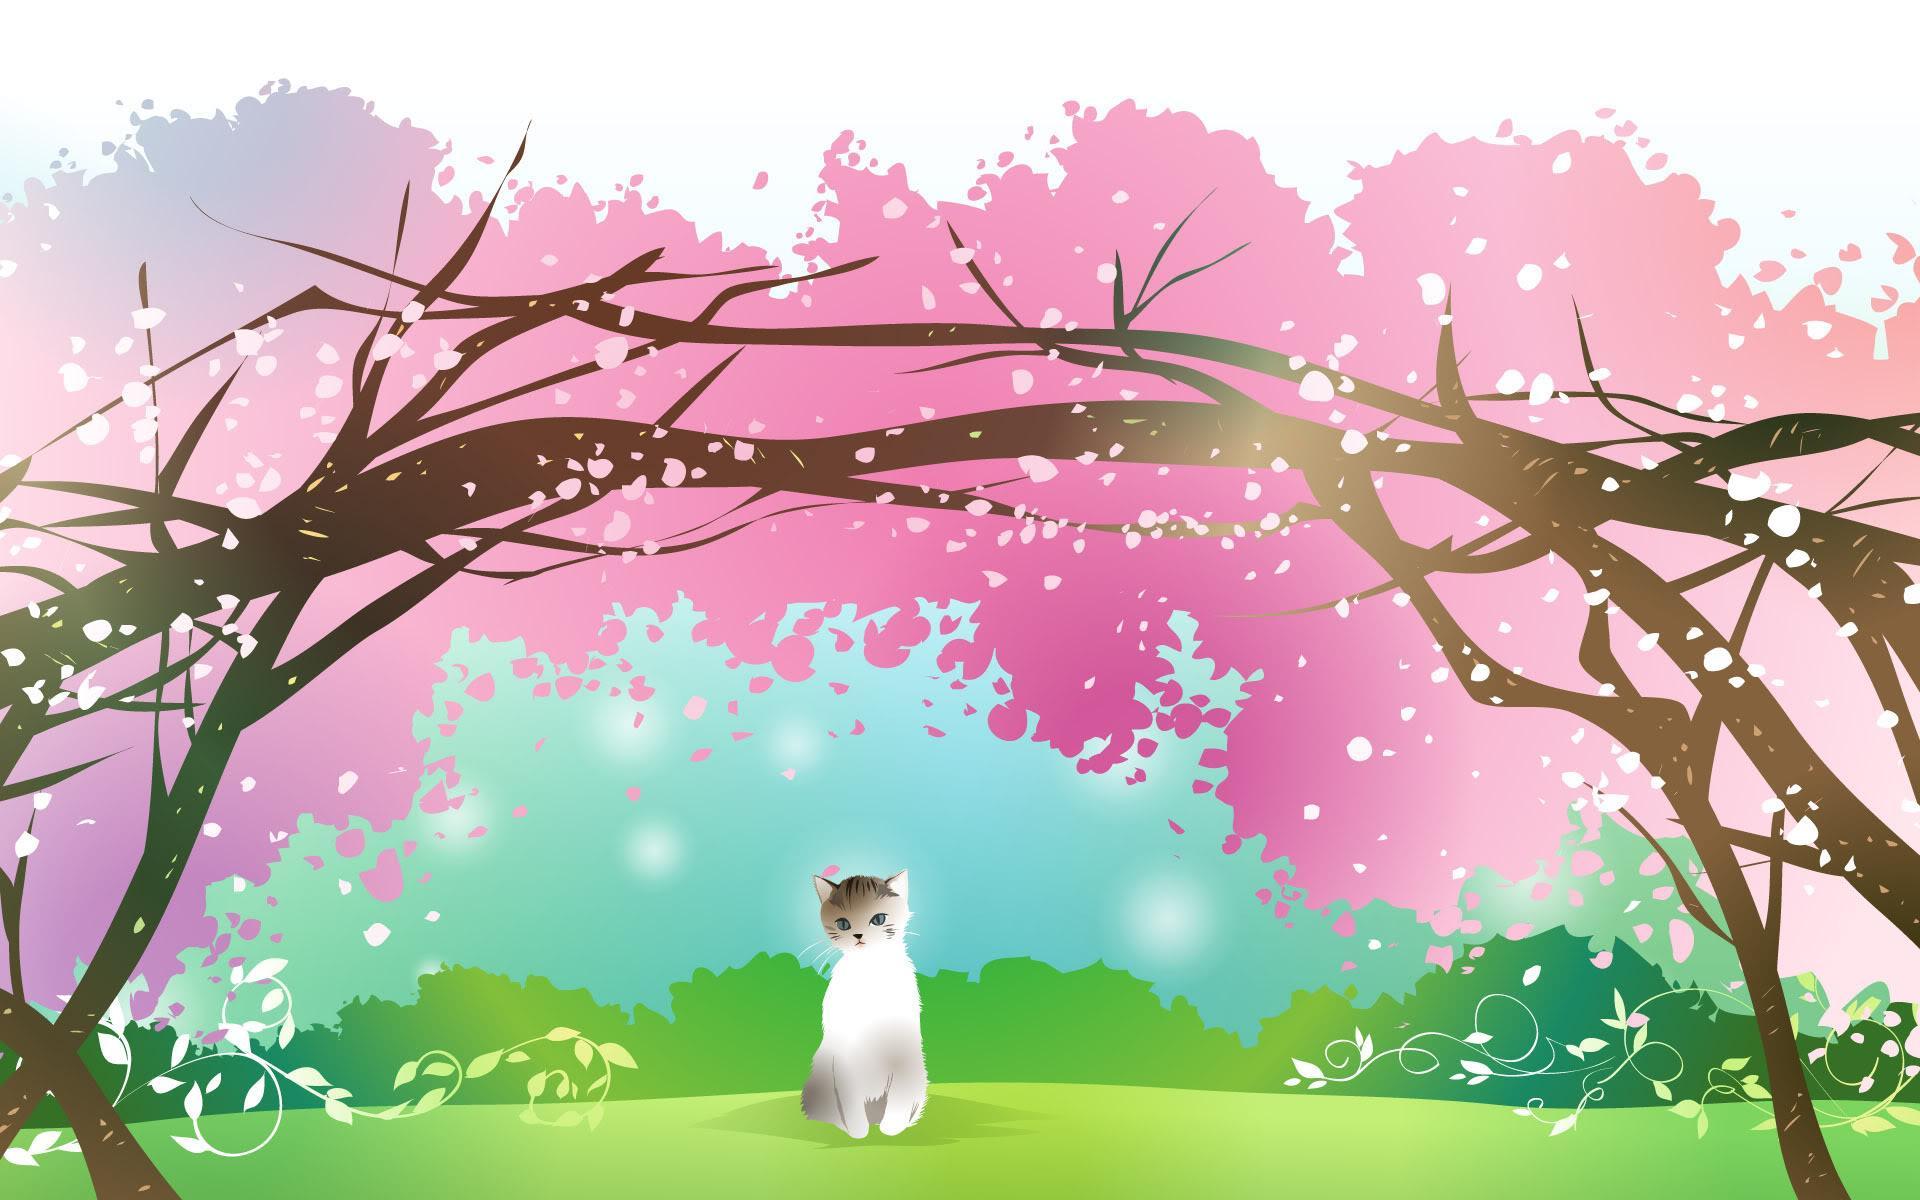 Hình nền mùa xuân tràn đầy sức sống